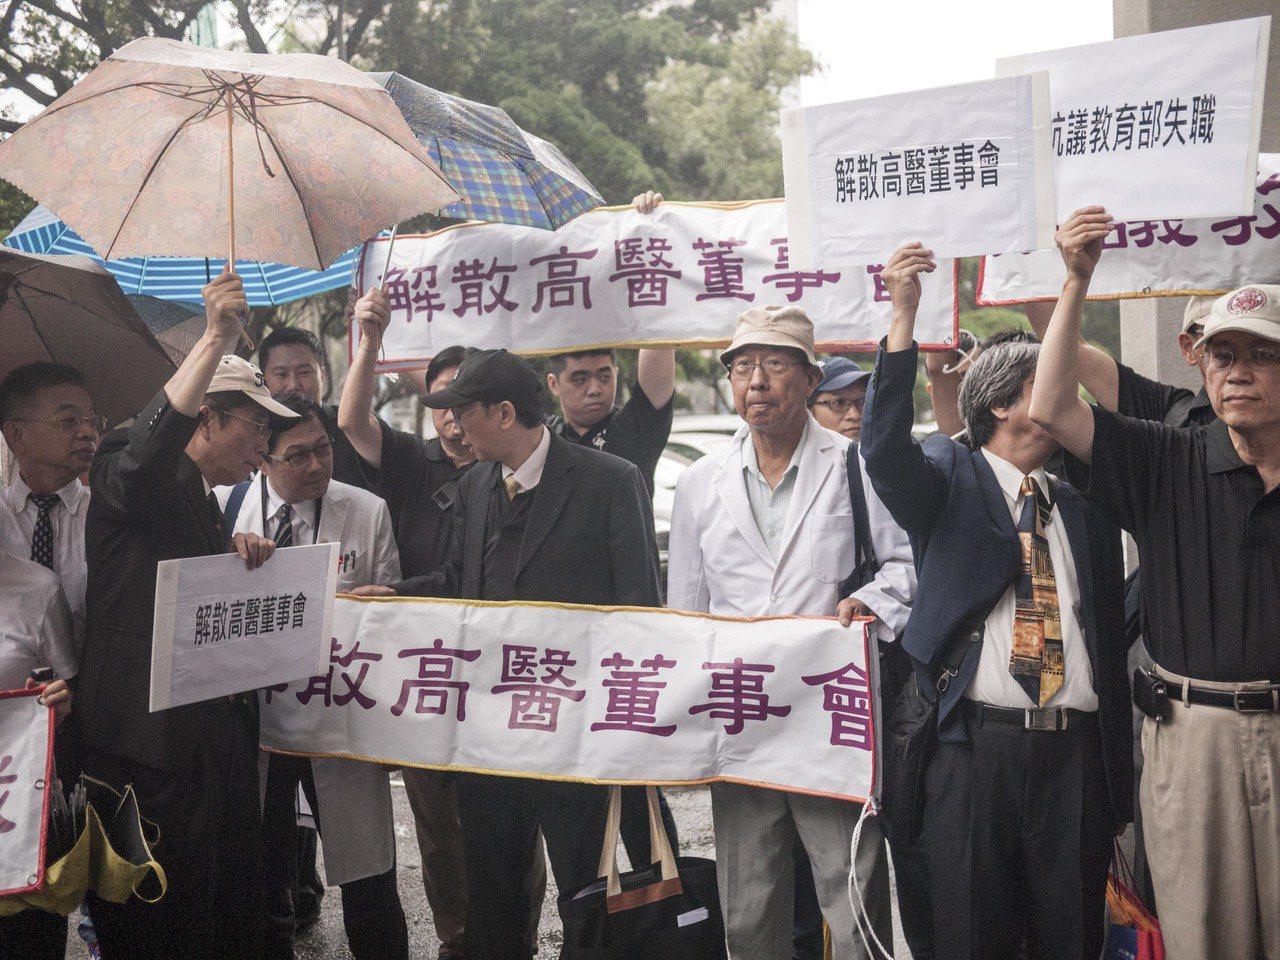 高醫大海內外校友、學生先前在教育部前抗議要求教育部應解散董事會。本報系資料照/記...